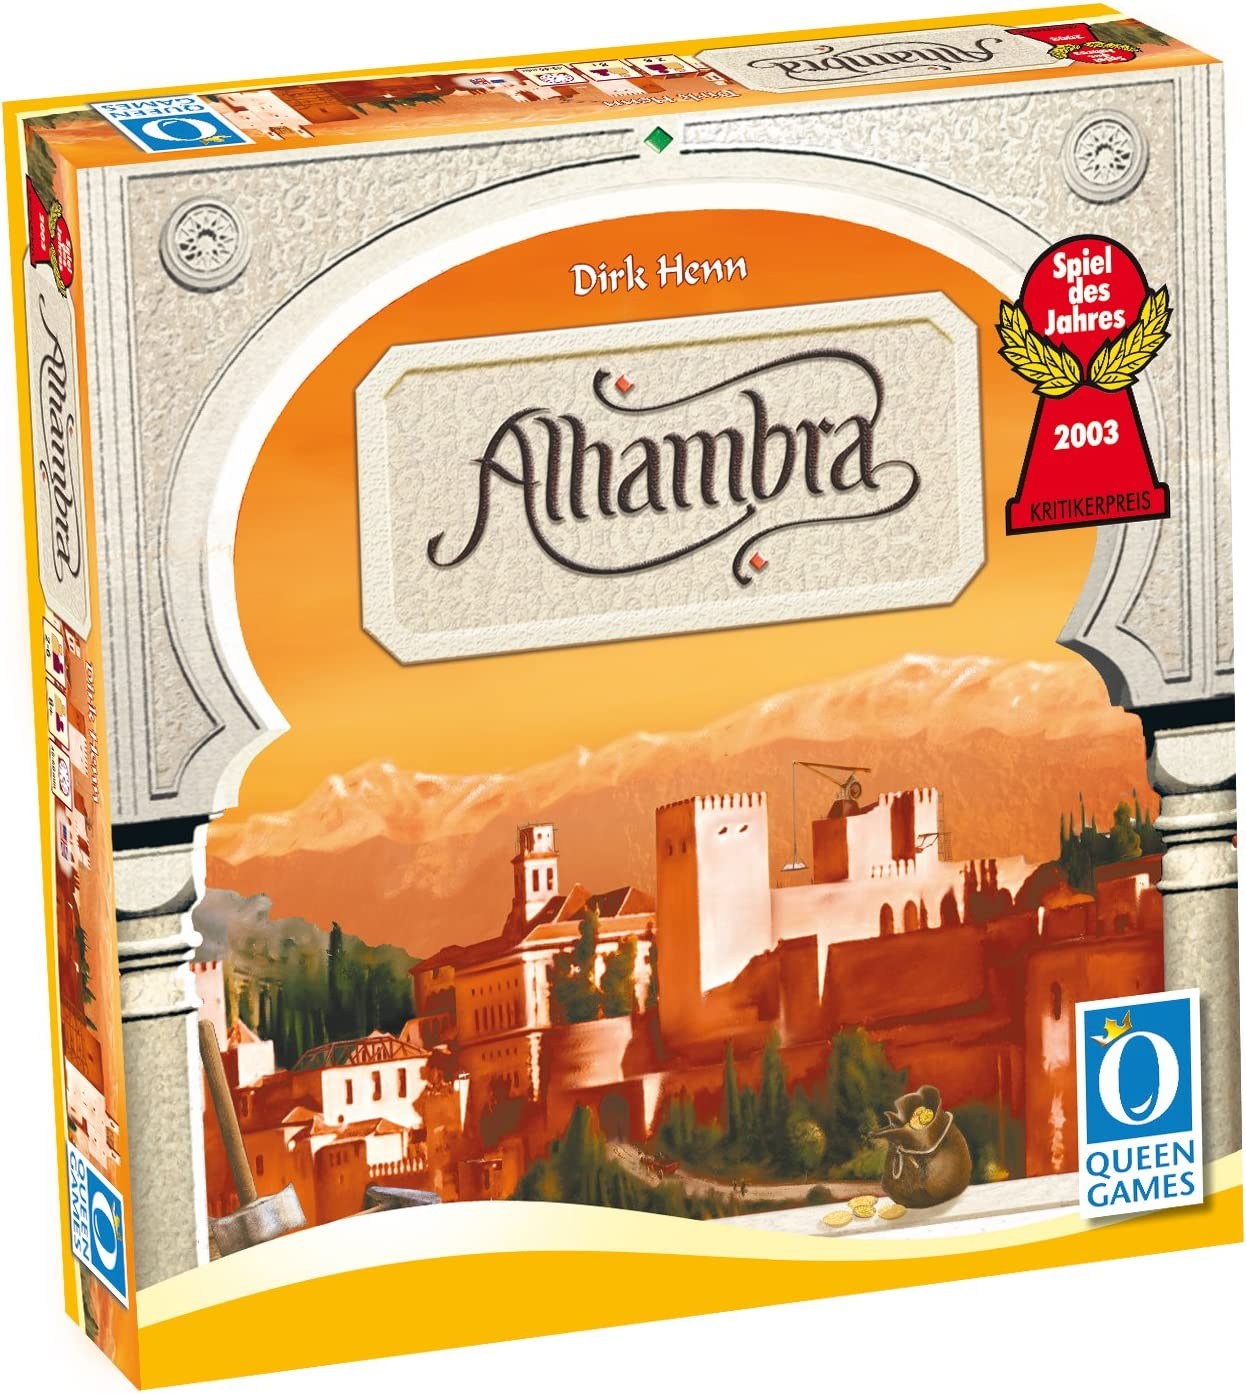 Queen Games Alhambra Junta Juego: Amazon.es: Juguetes y juegos